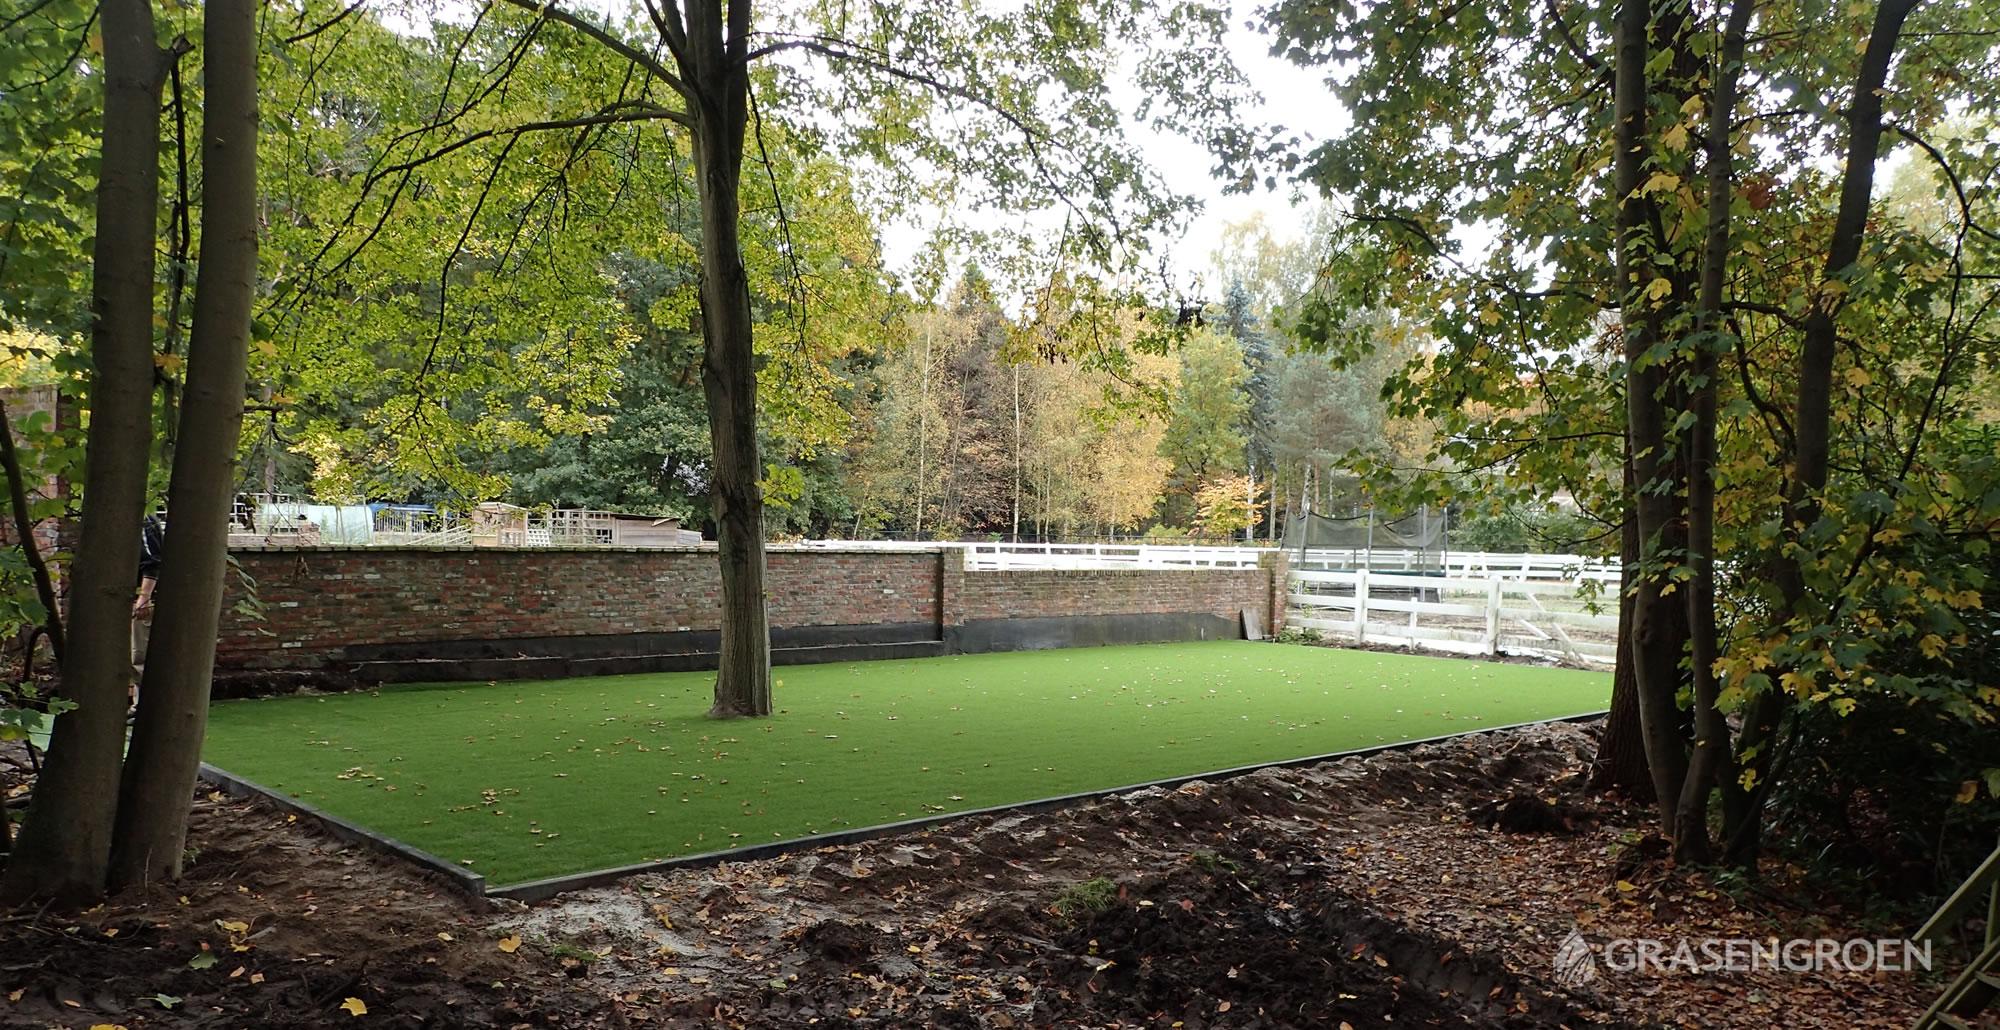 Kunstgrasleggenschoten18 • Gras en Groen Kunstgras